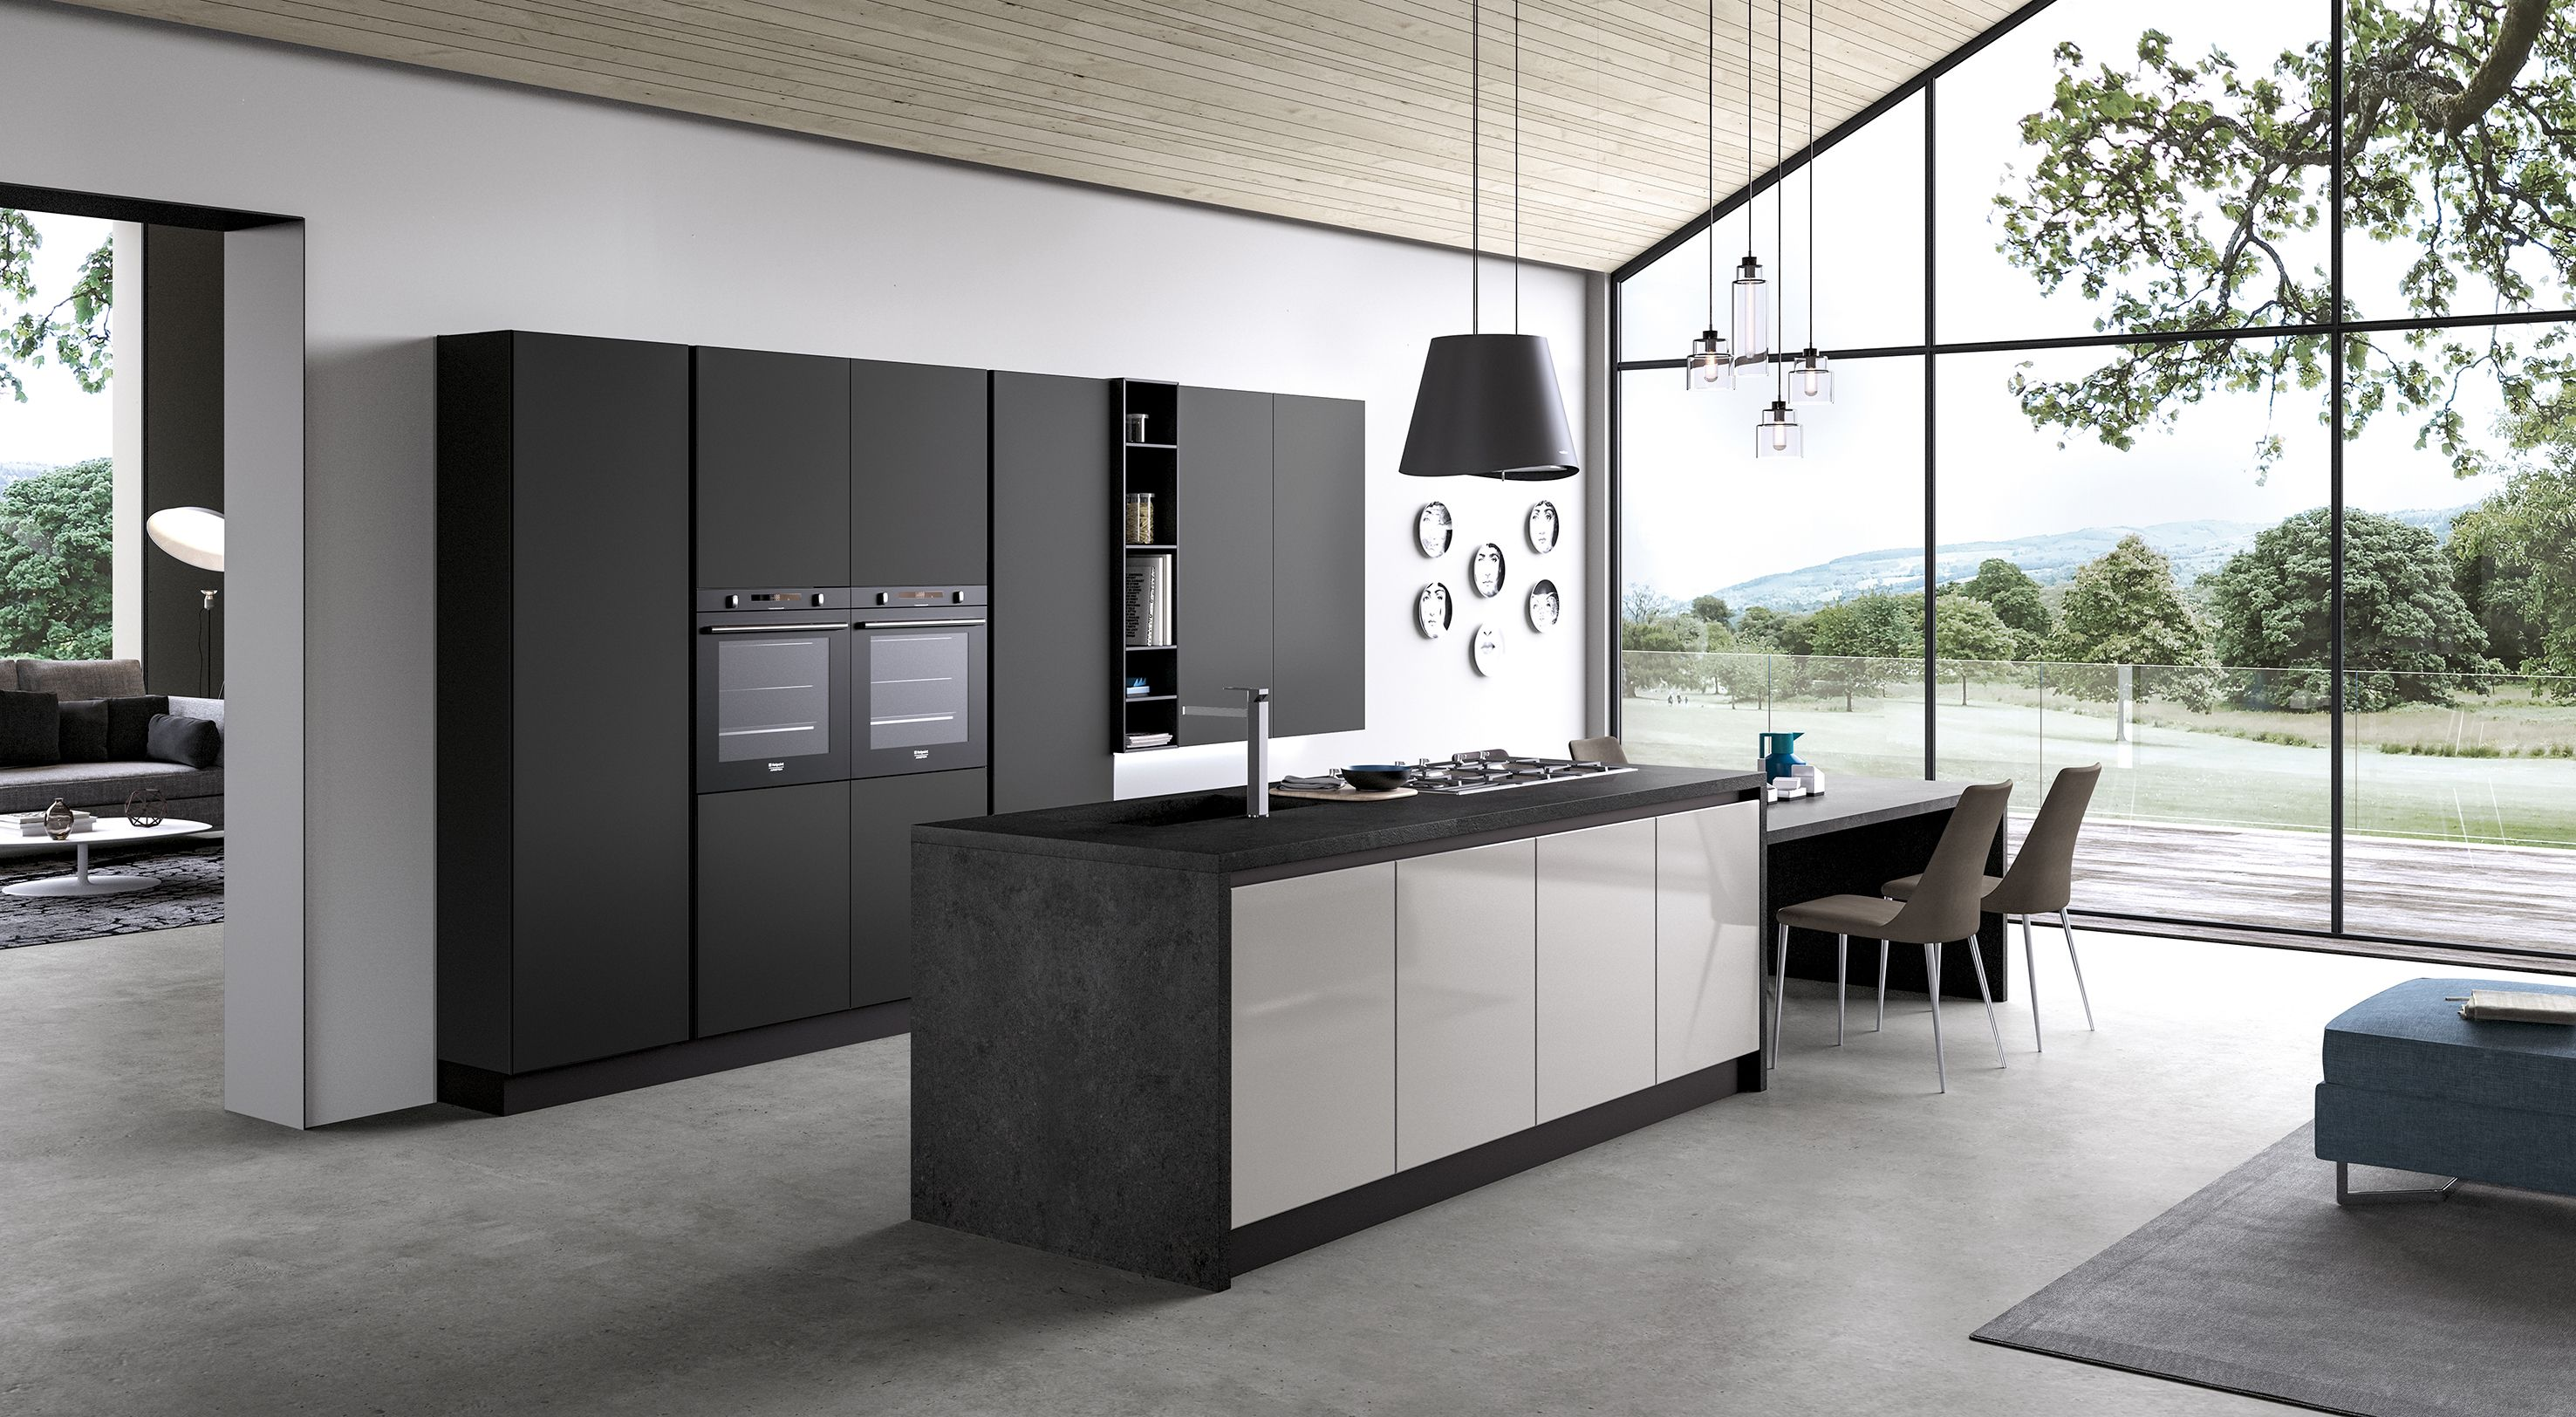 Cucine moderne che uniscono design funzionalit e qualit - Cucine idee e soluzioni ...